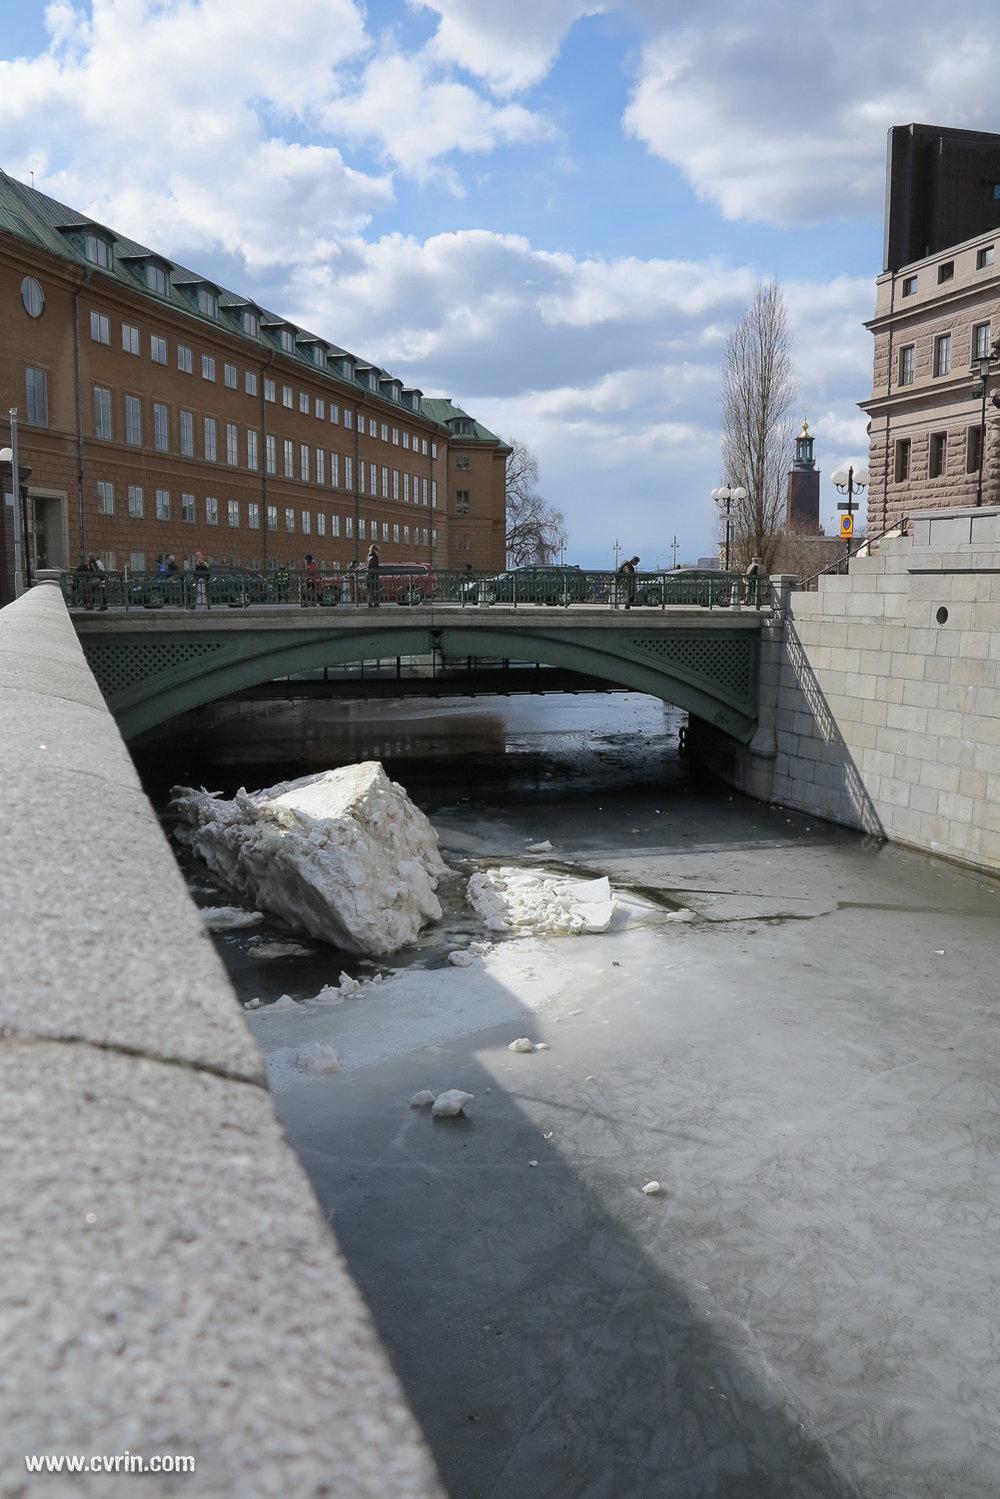 La technique des suédois pour déblayer la neige: remplir les canaux avec!